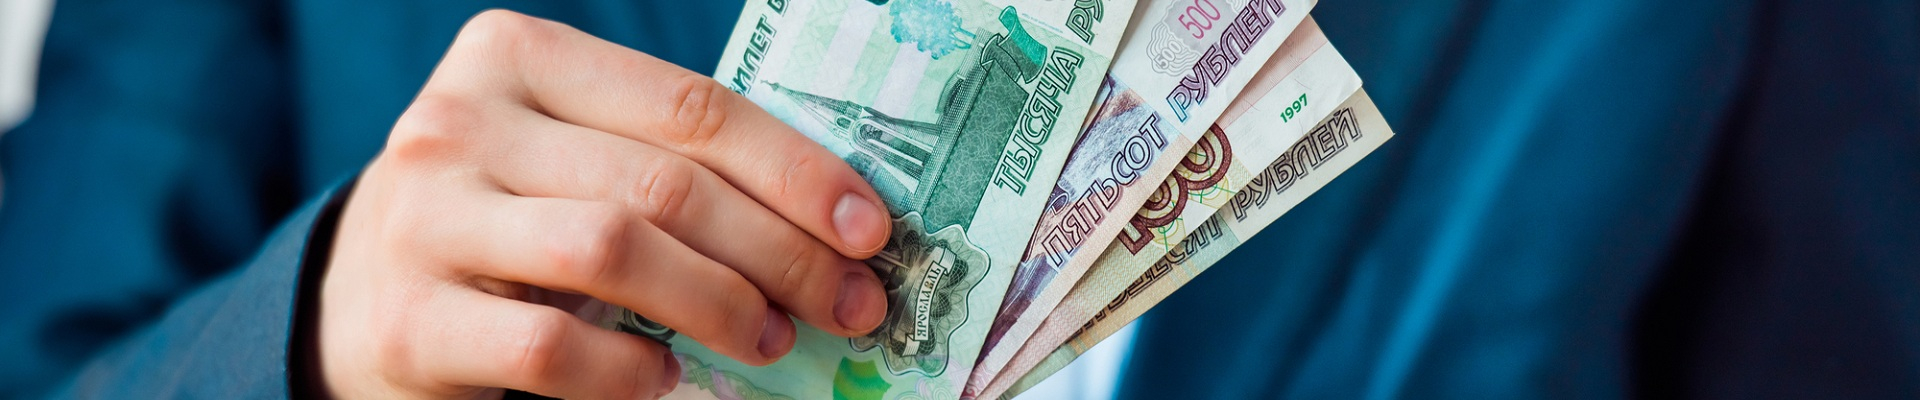 Новое предложение «ЮниКредит» банка предусматривает выдачу карты с гибким кэшбэком и обновление программы лояльности